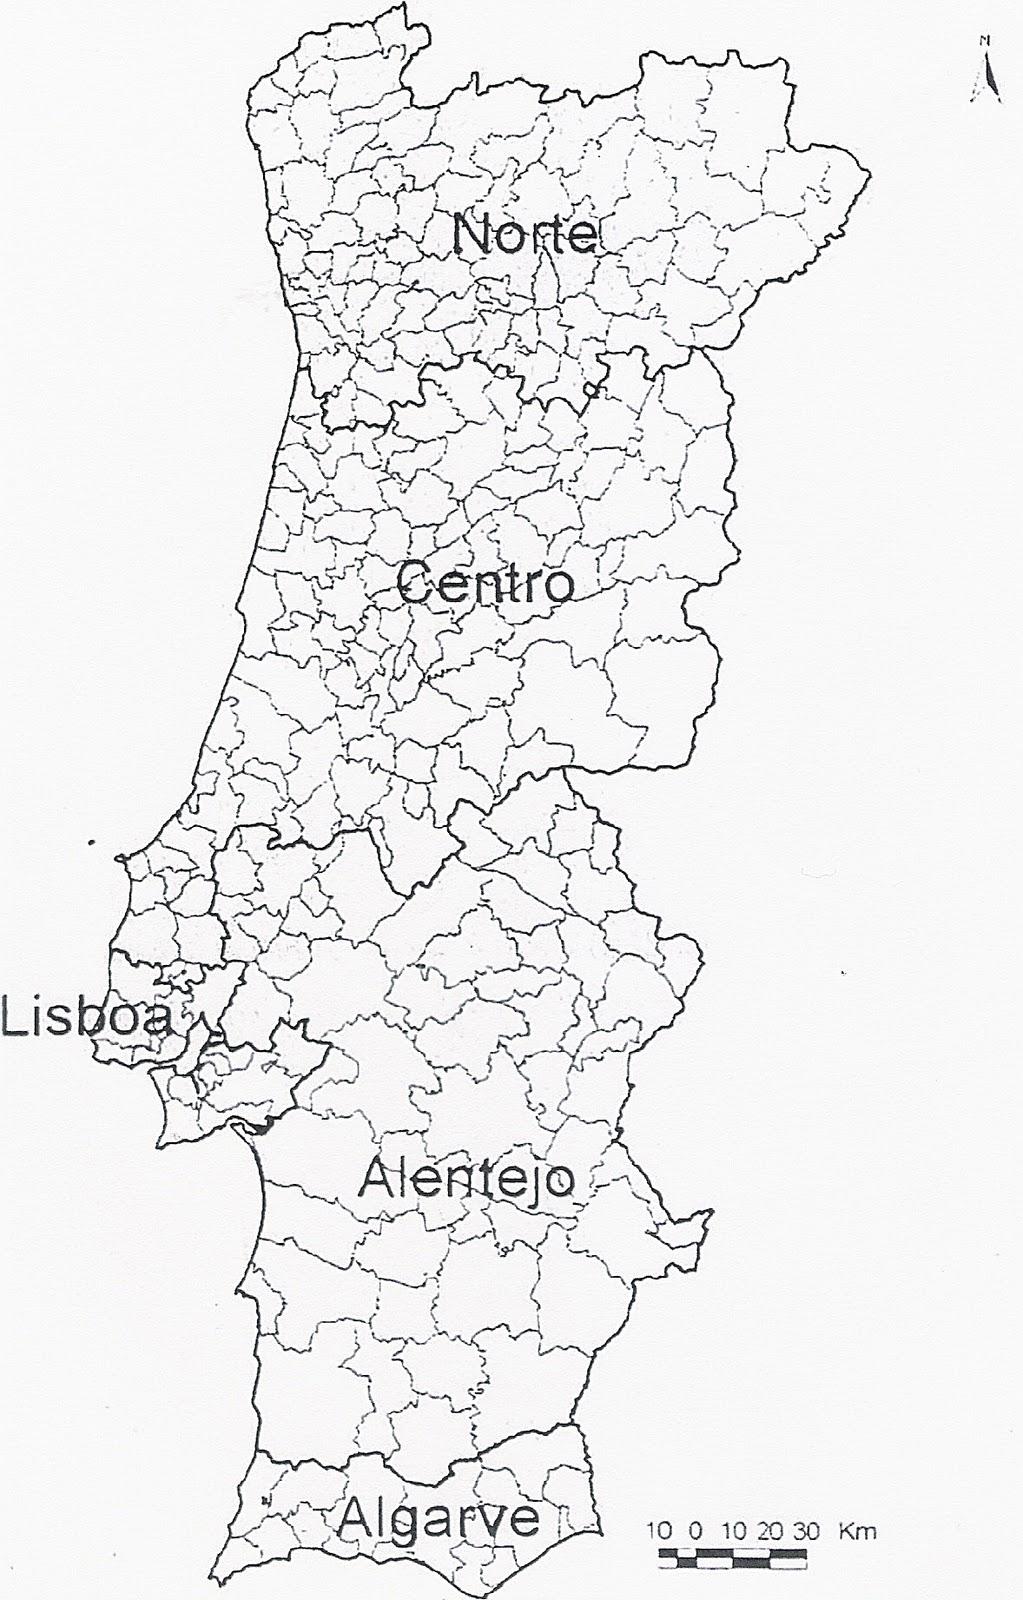 mapa de portugal continental com concelhos Crise 2011/12/13/14/15/16/17/18/19 E os portugueses?[AVISO  mapa de portugal continental com concelhos